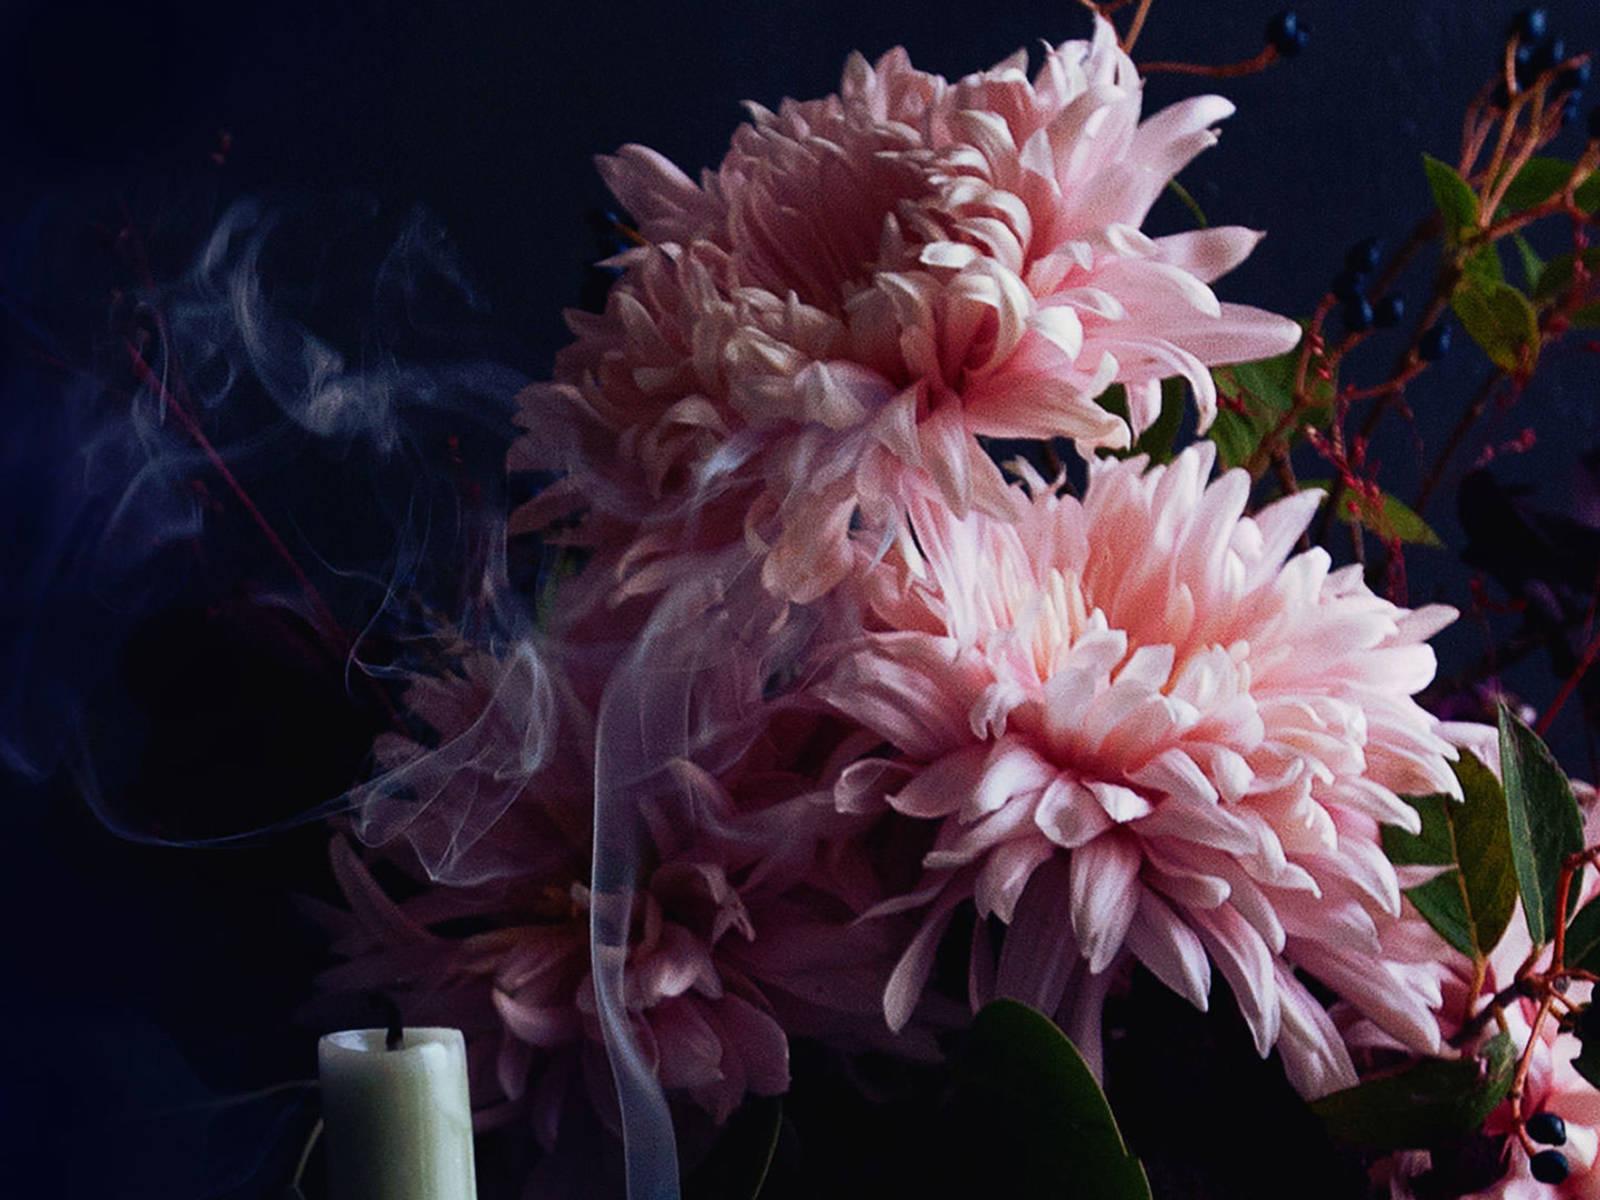 Romantisches Blumenarrangement